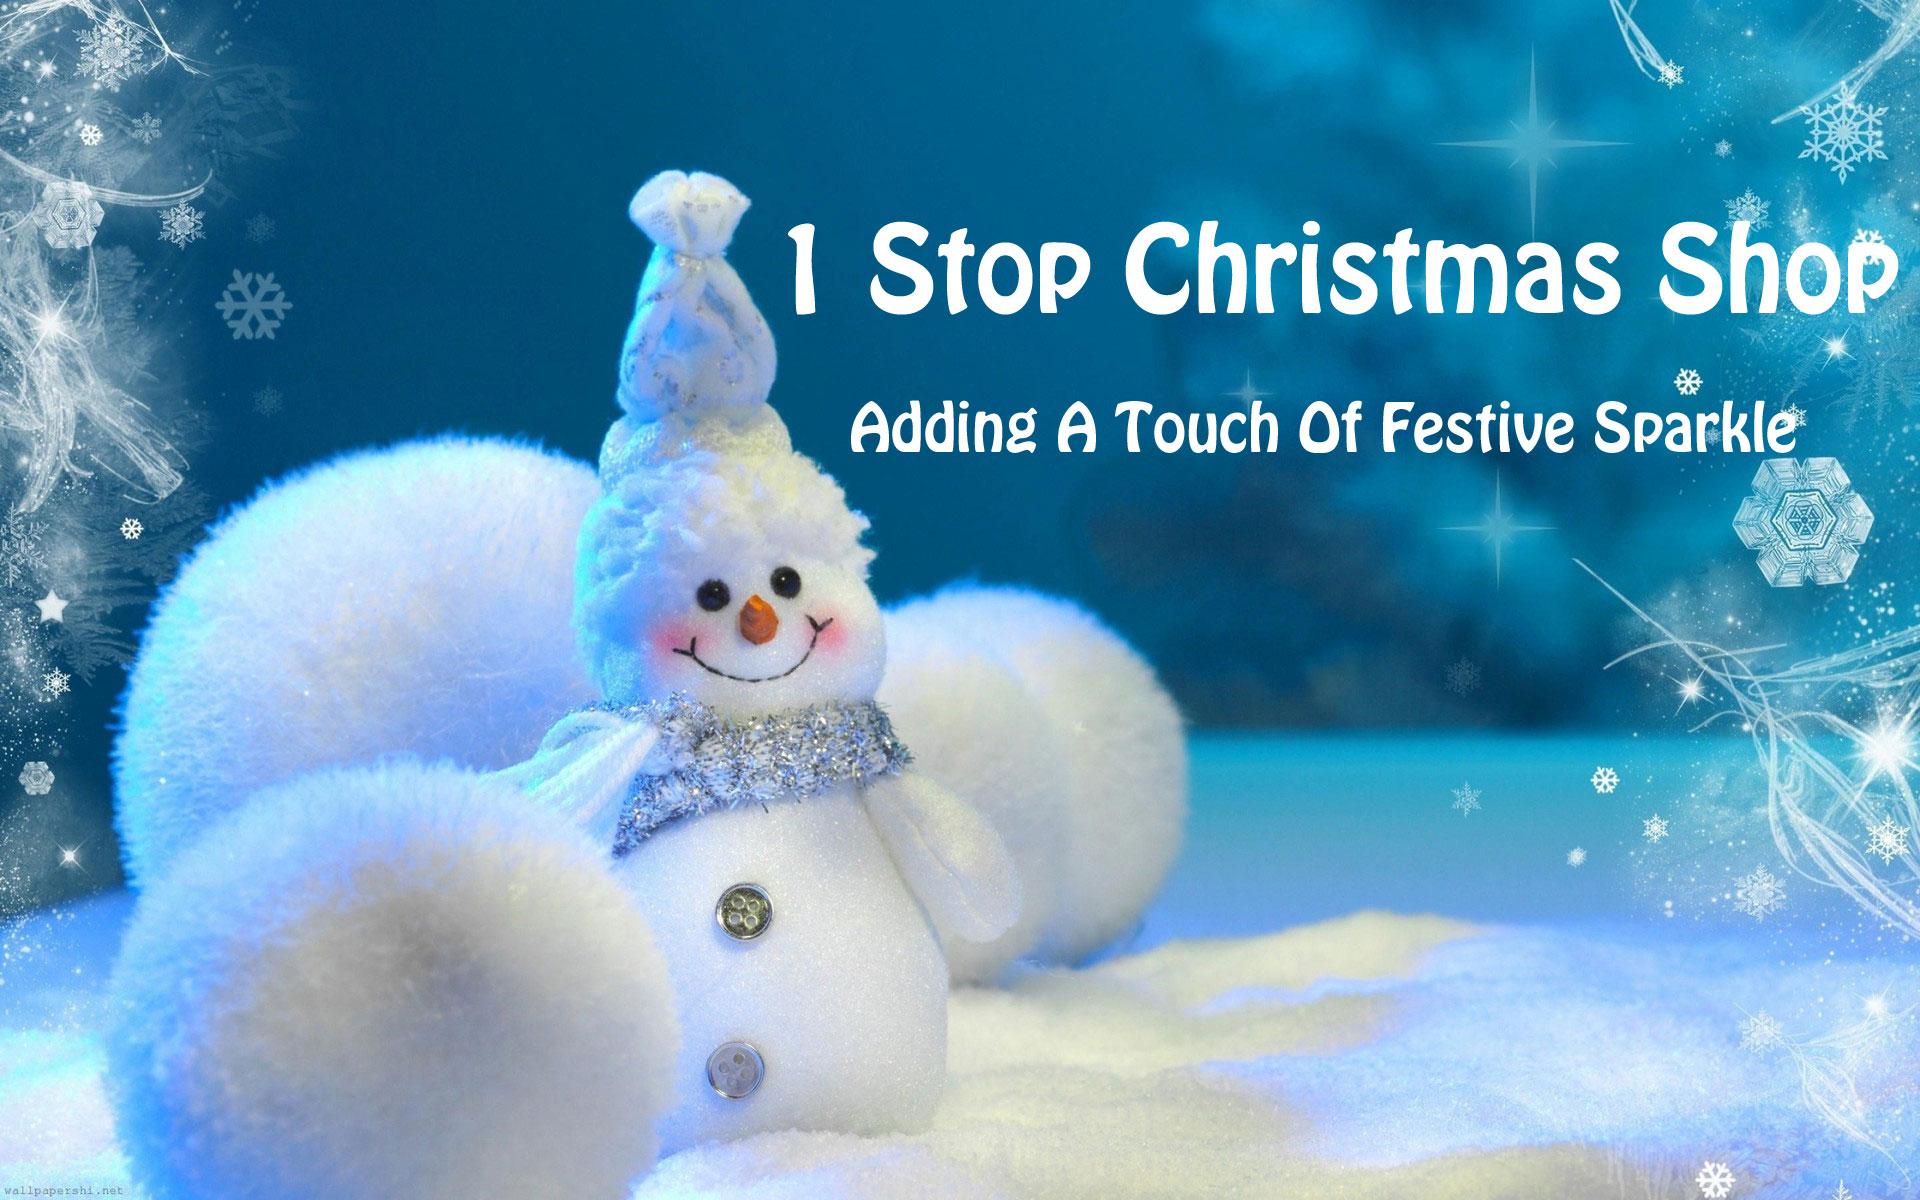 1 Stop Christmas Shop